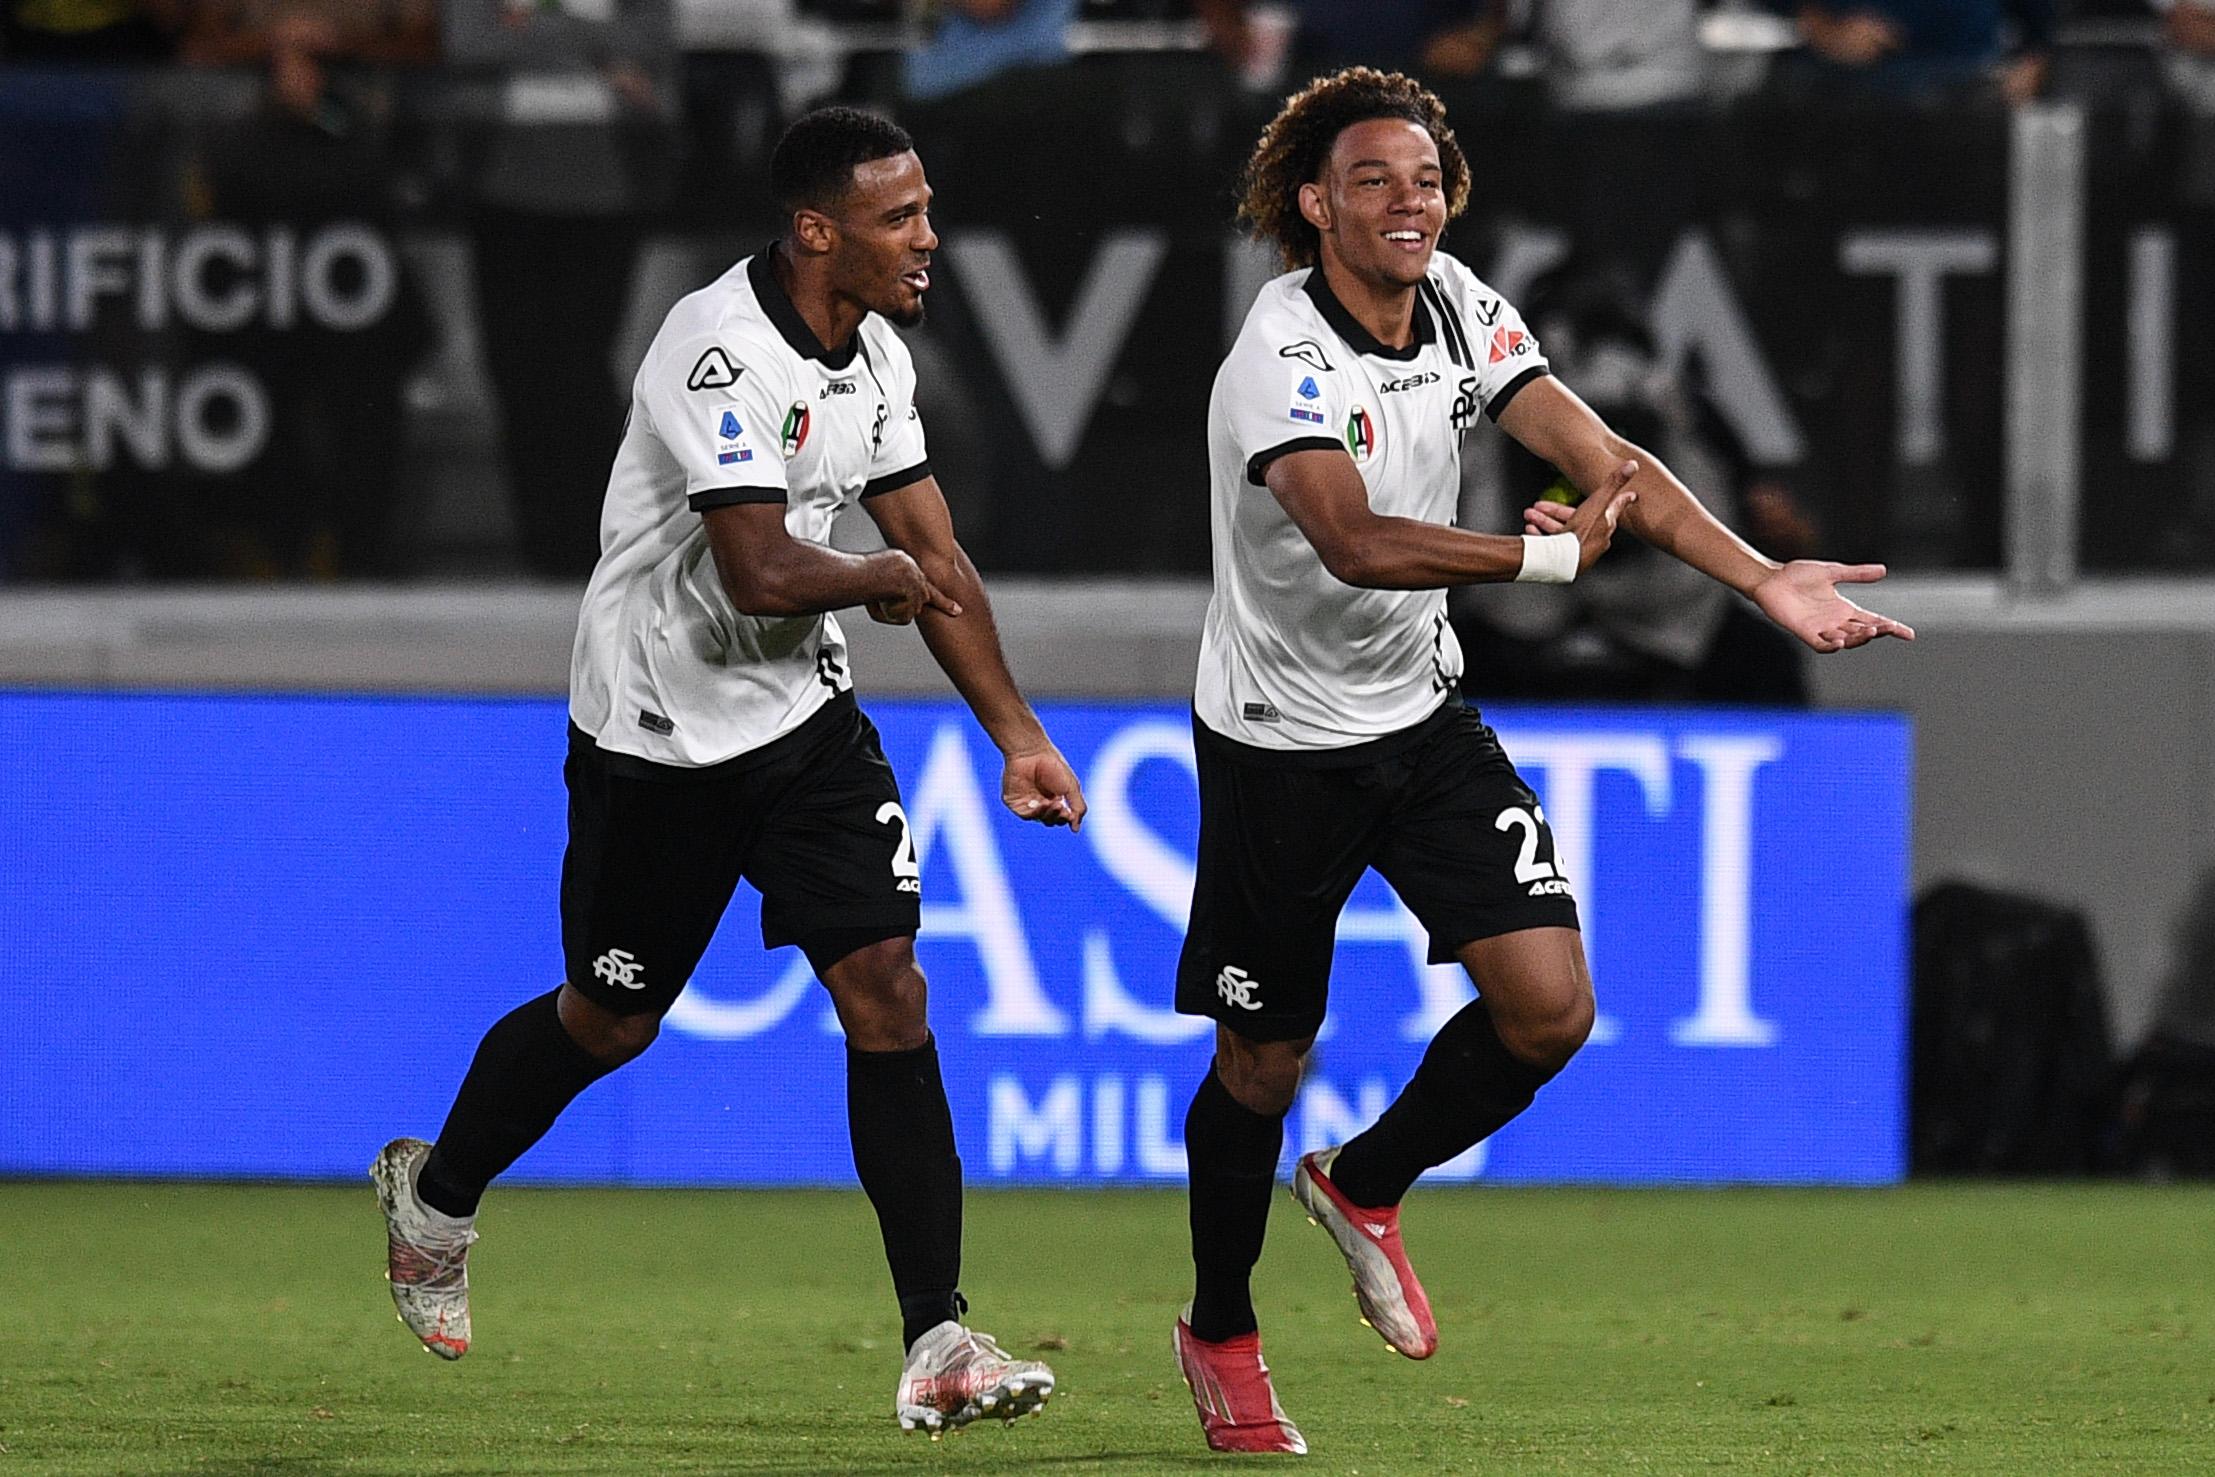 Il retroscena di Laudisa: Antiste stava per finire proprio al Milan |  Sport e Vai